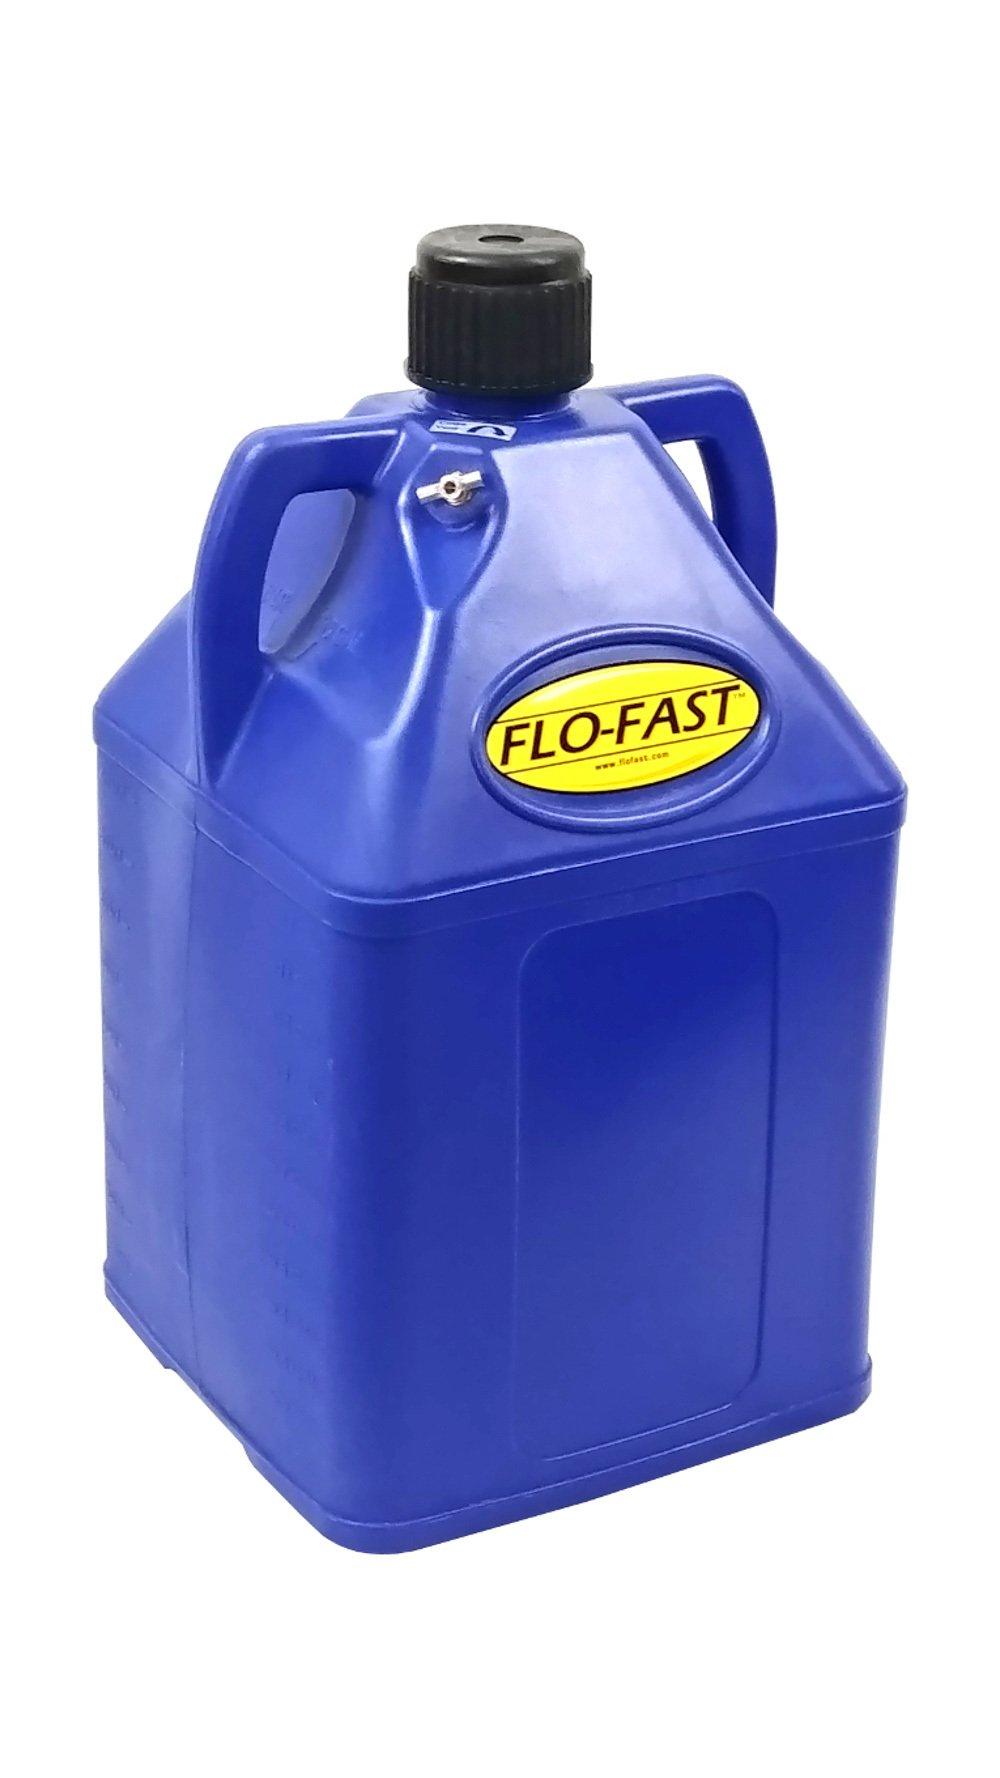 Flo-fast Blue Utility Jug 15Gal